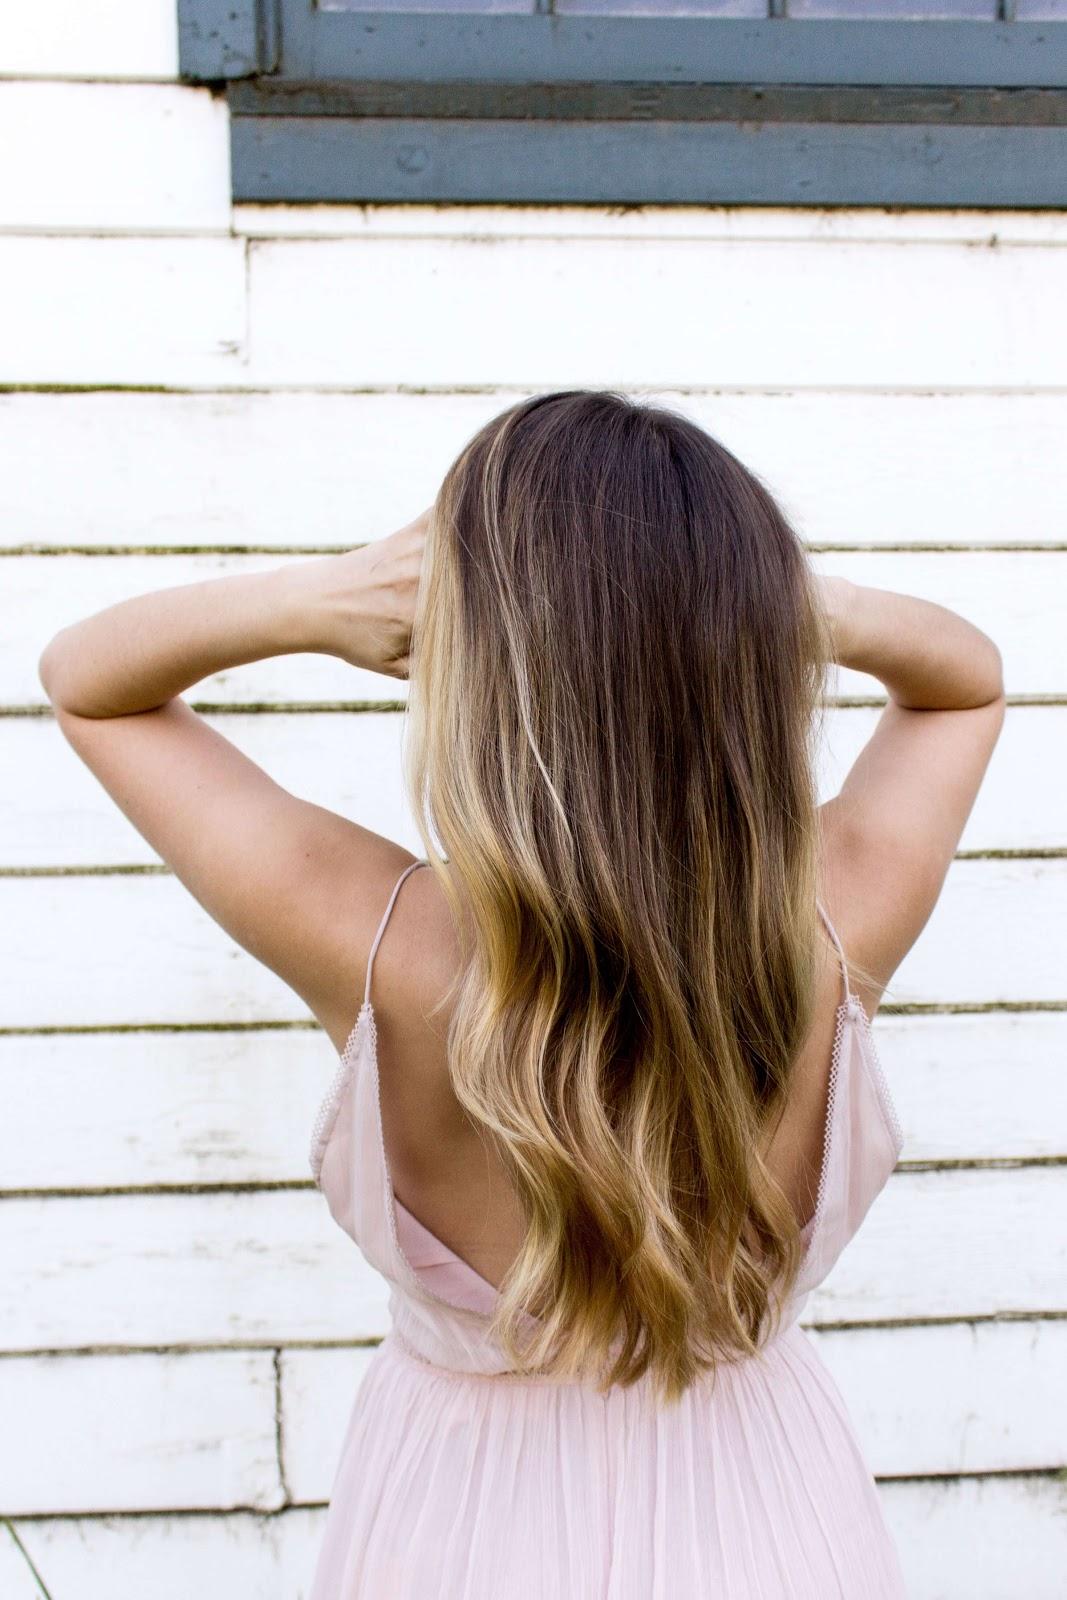 human skin hair growth